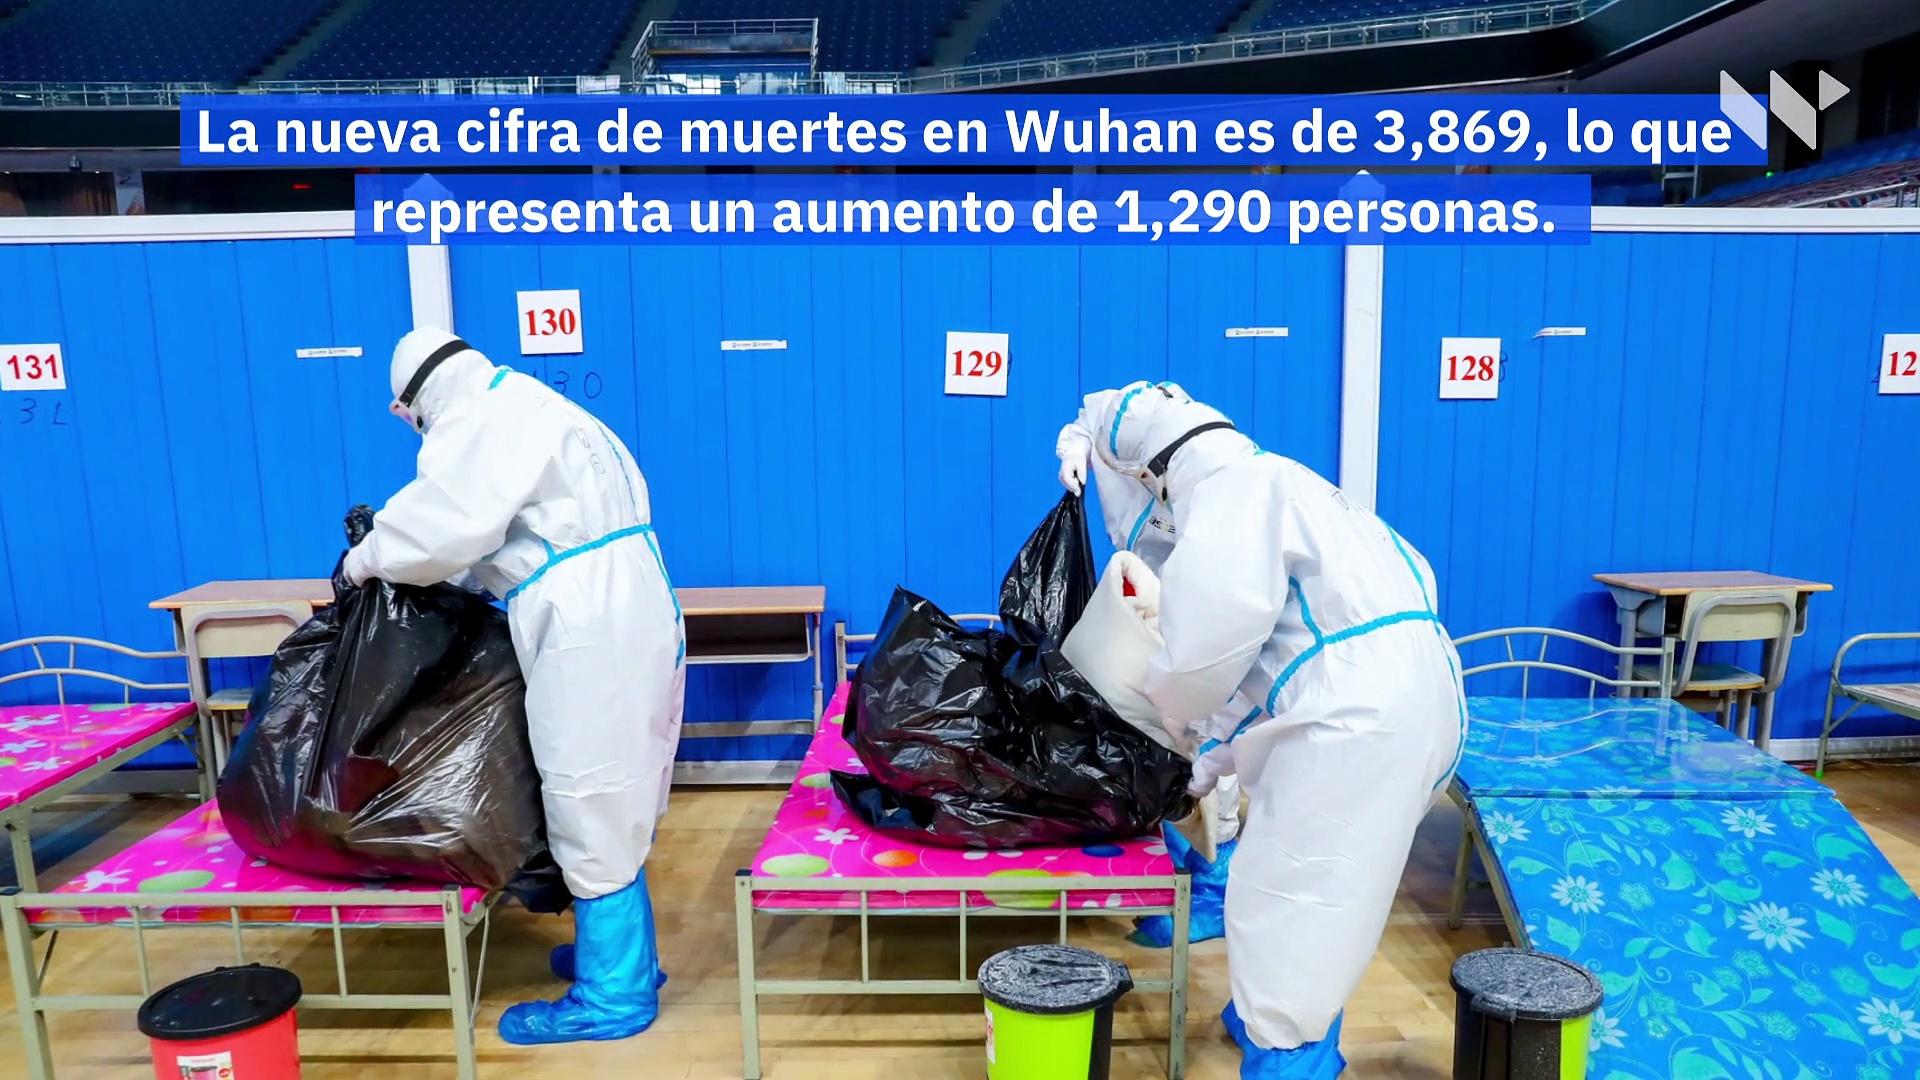 China incrementa un 50% la cifra de muertos en Wuhan por coronavirus